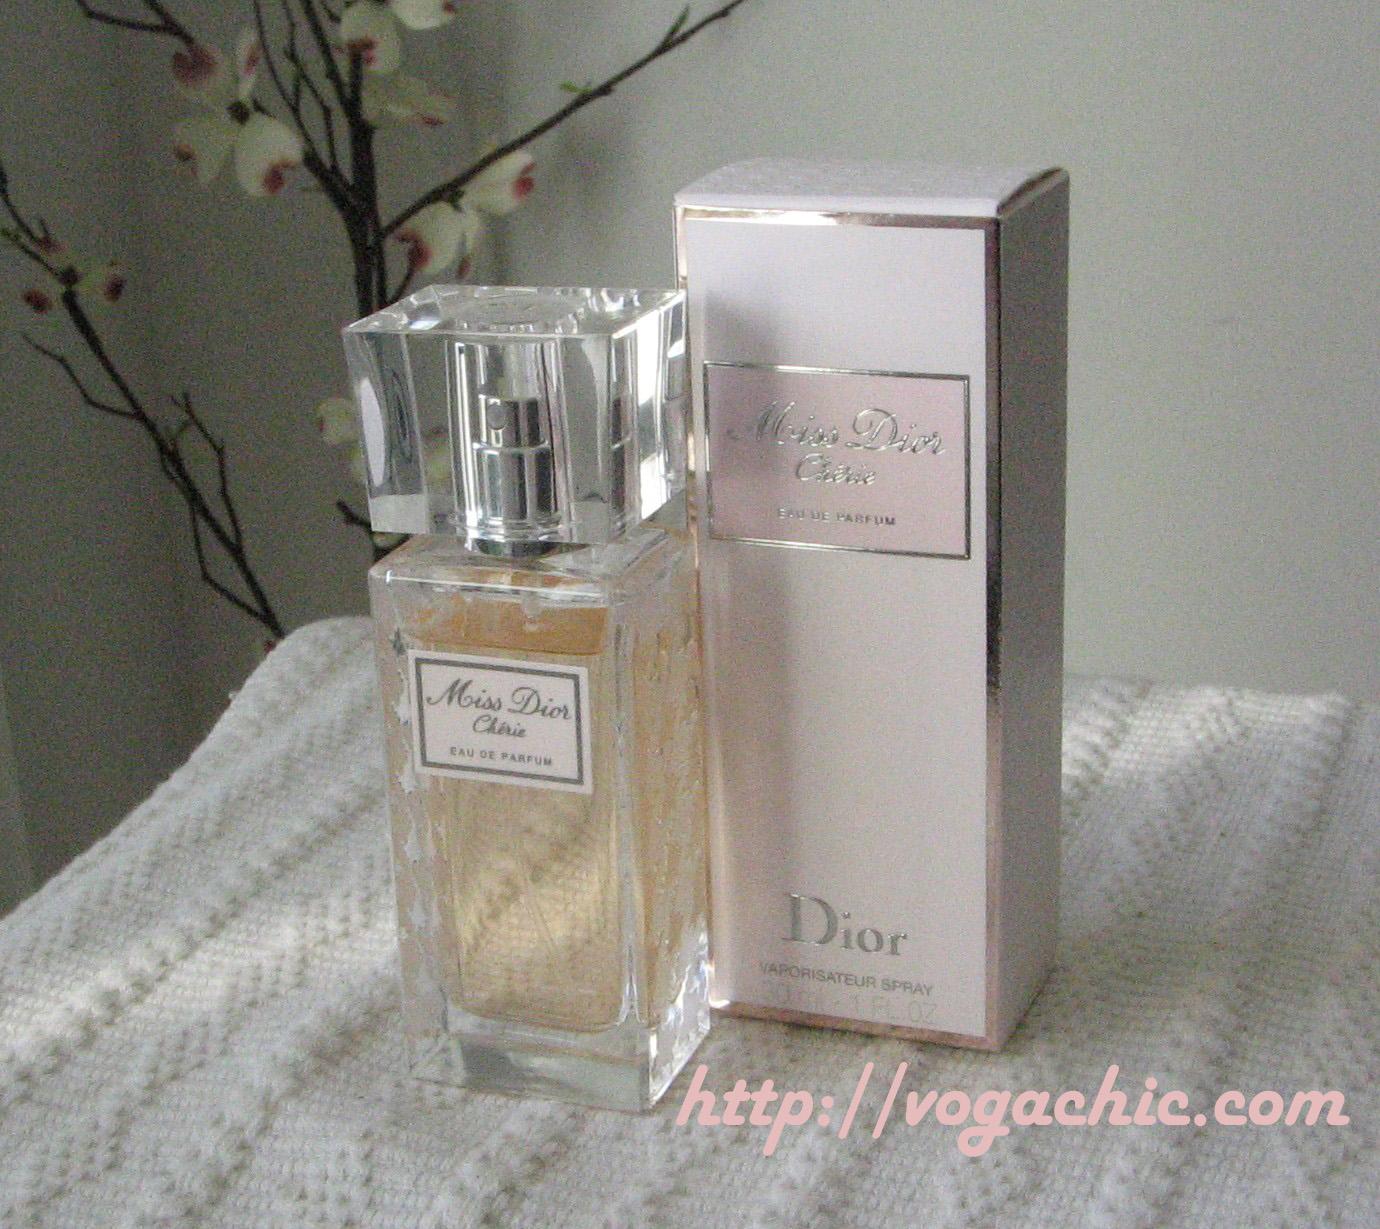 http://1.bp.blogspot.com/__TSpS88eKOE/TTYqxei6YkI/AAAAAAAAC-Q/O9AdQVWq_ao/s1600/Miss+Dior+Ch%25C3%25A9rie+Dior+copia.jpg